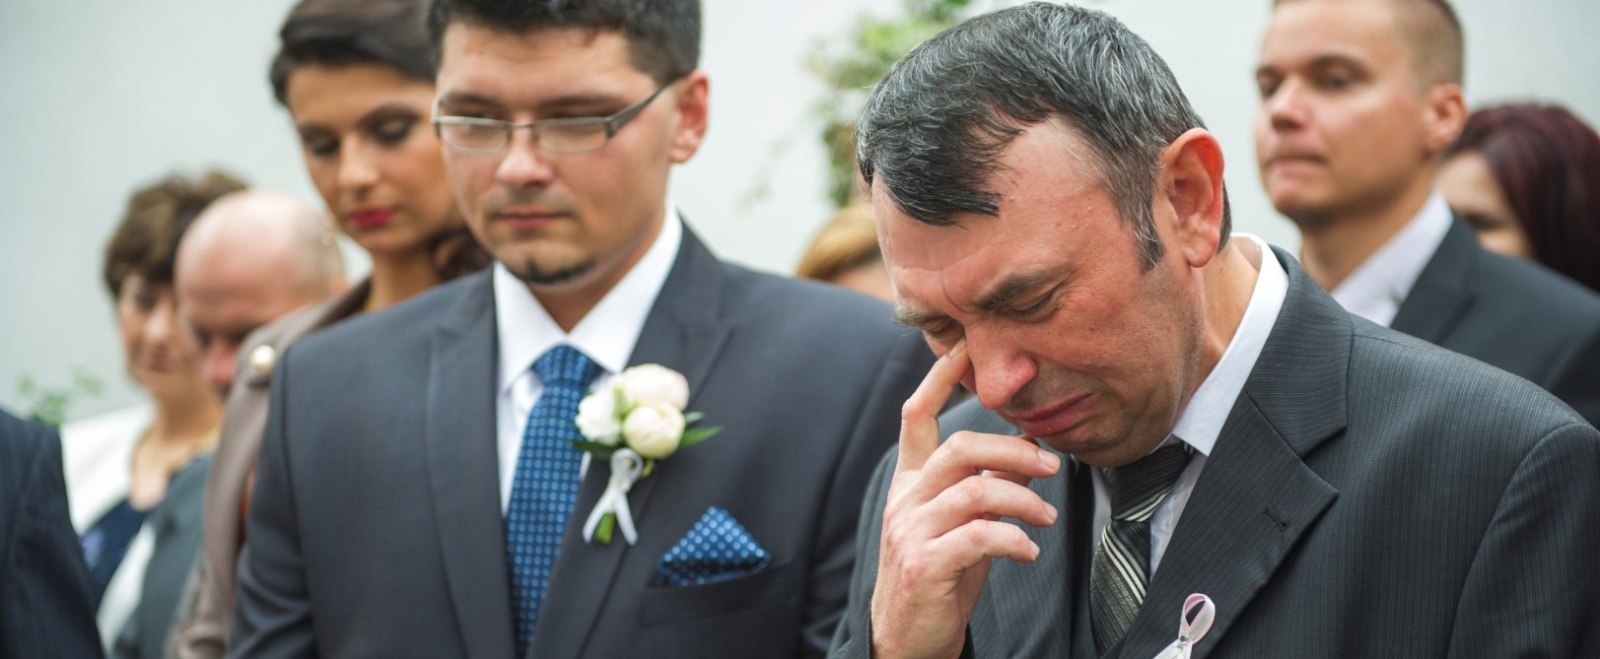 Hogyan kezeld az érzelmeket az esküvőn?